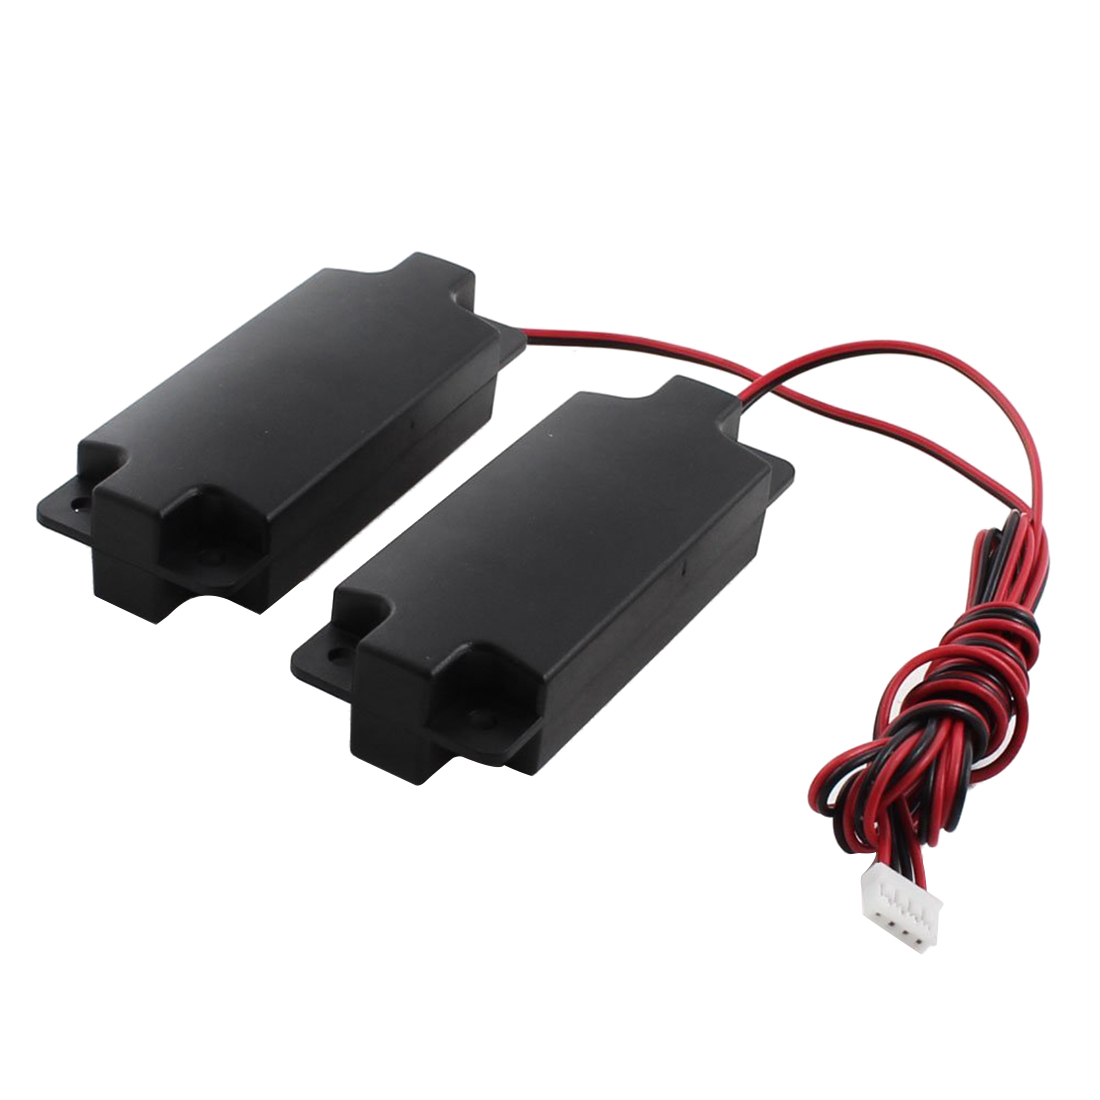 Ambitieus 1 Paar 4-pin Balance Plug Rechthoek Magneet Speaker Versterker 3 W 8 Ohm Wil Je Wat Chinese Inheemse Producten Kopen?